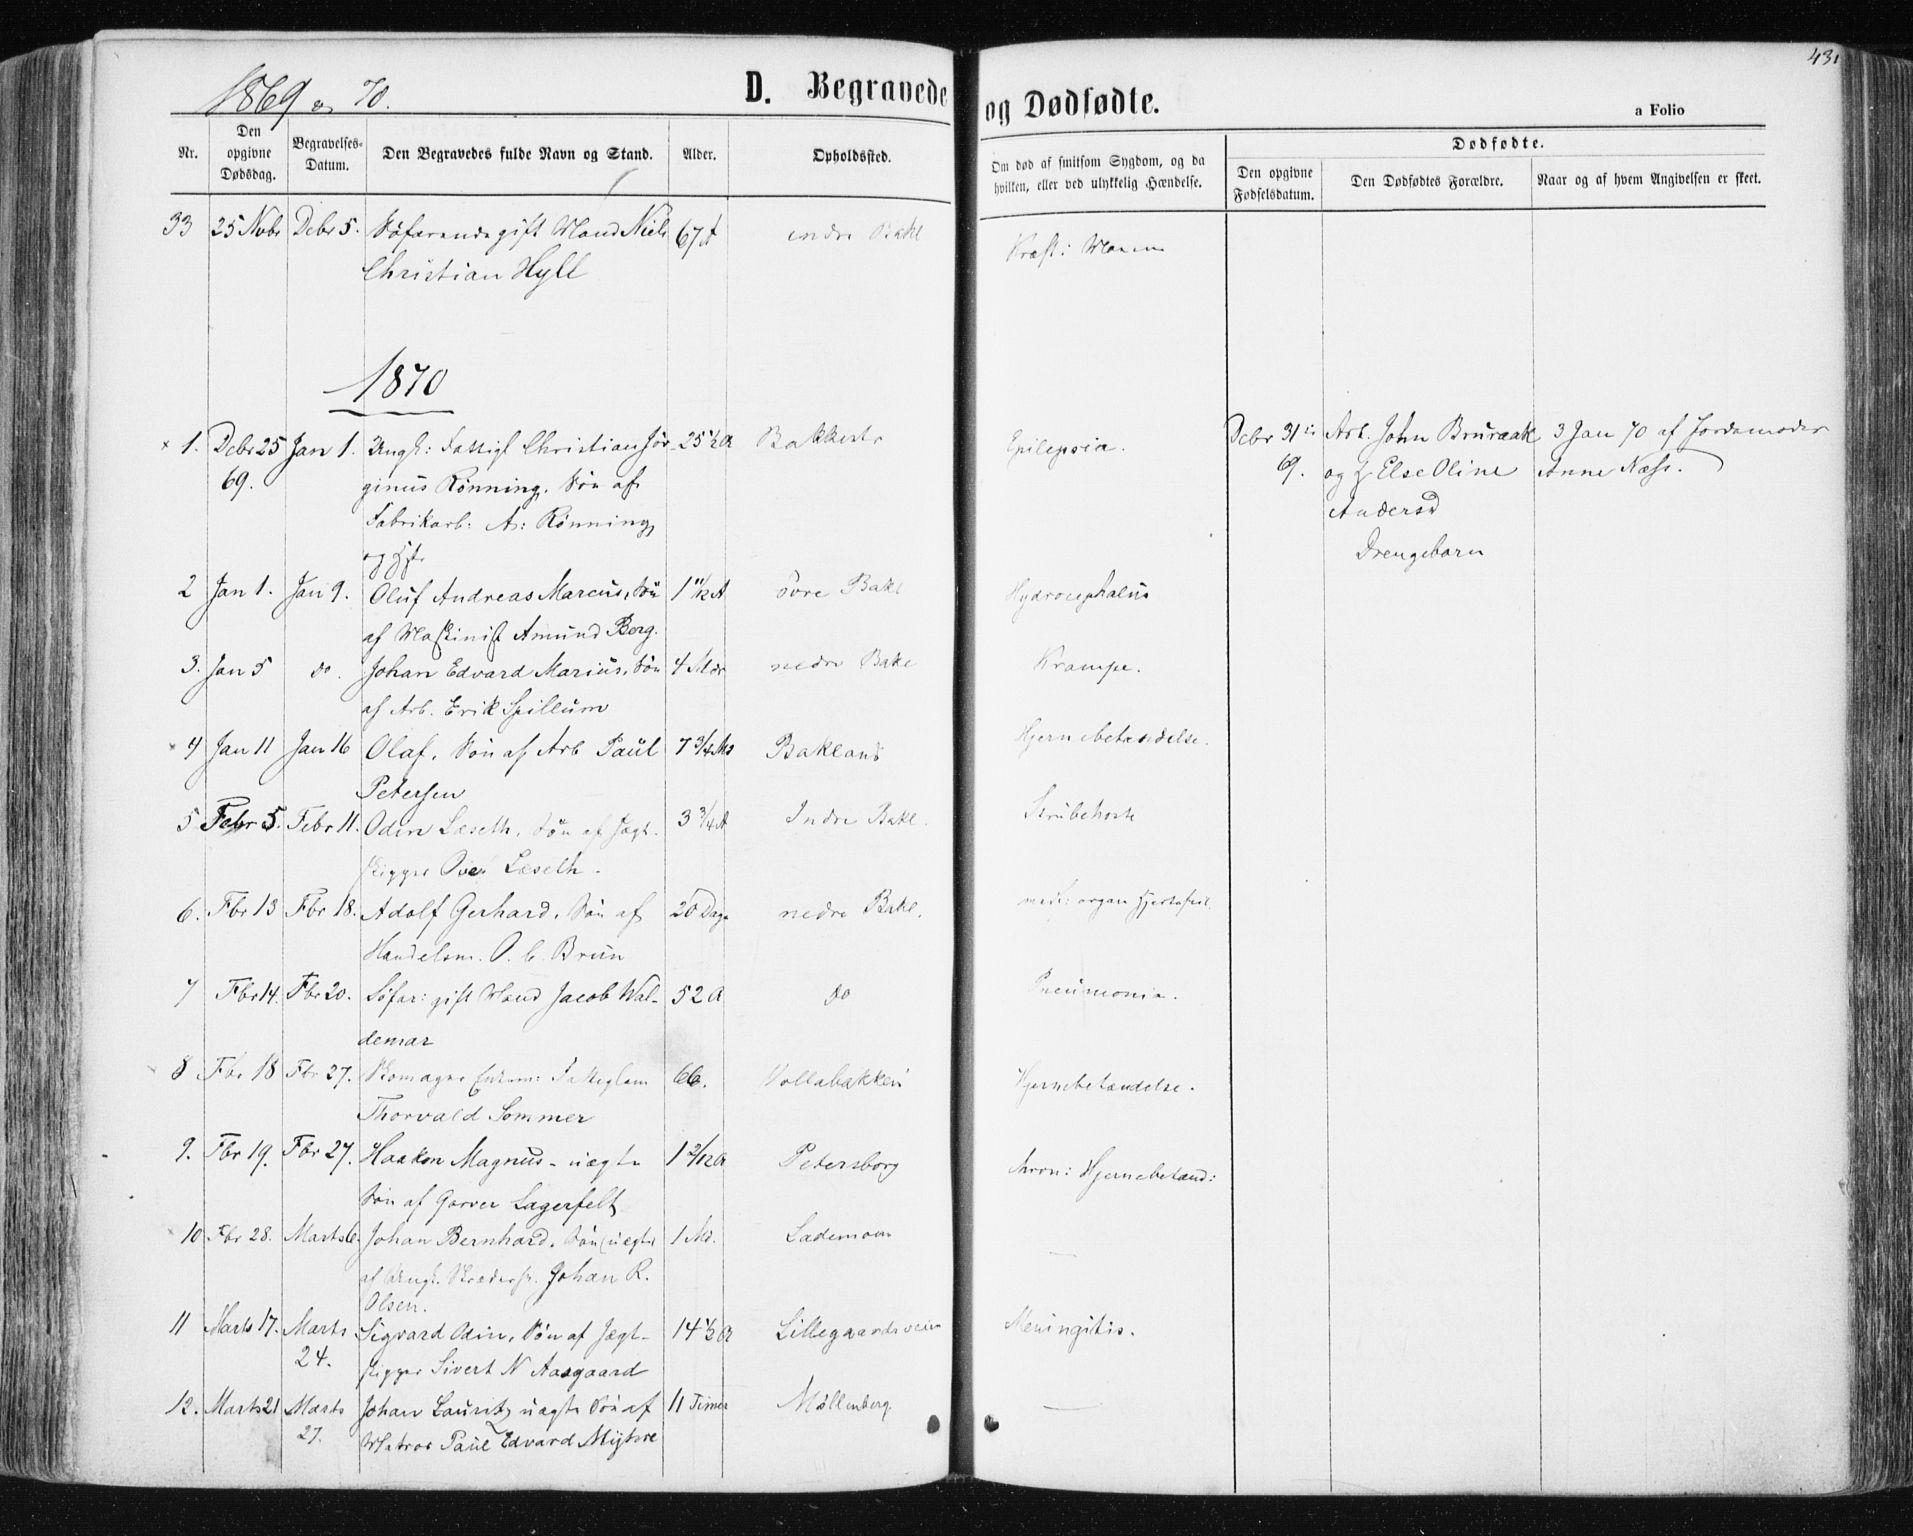 SAT, Ministerialprotokoller, klokkerbøker og fødselsregistre - Sør-Trøndelag, 604/L0186: Ministerialbok nr. 604A07, 1866-1877, s. 431